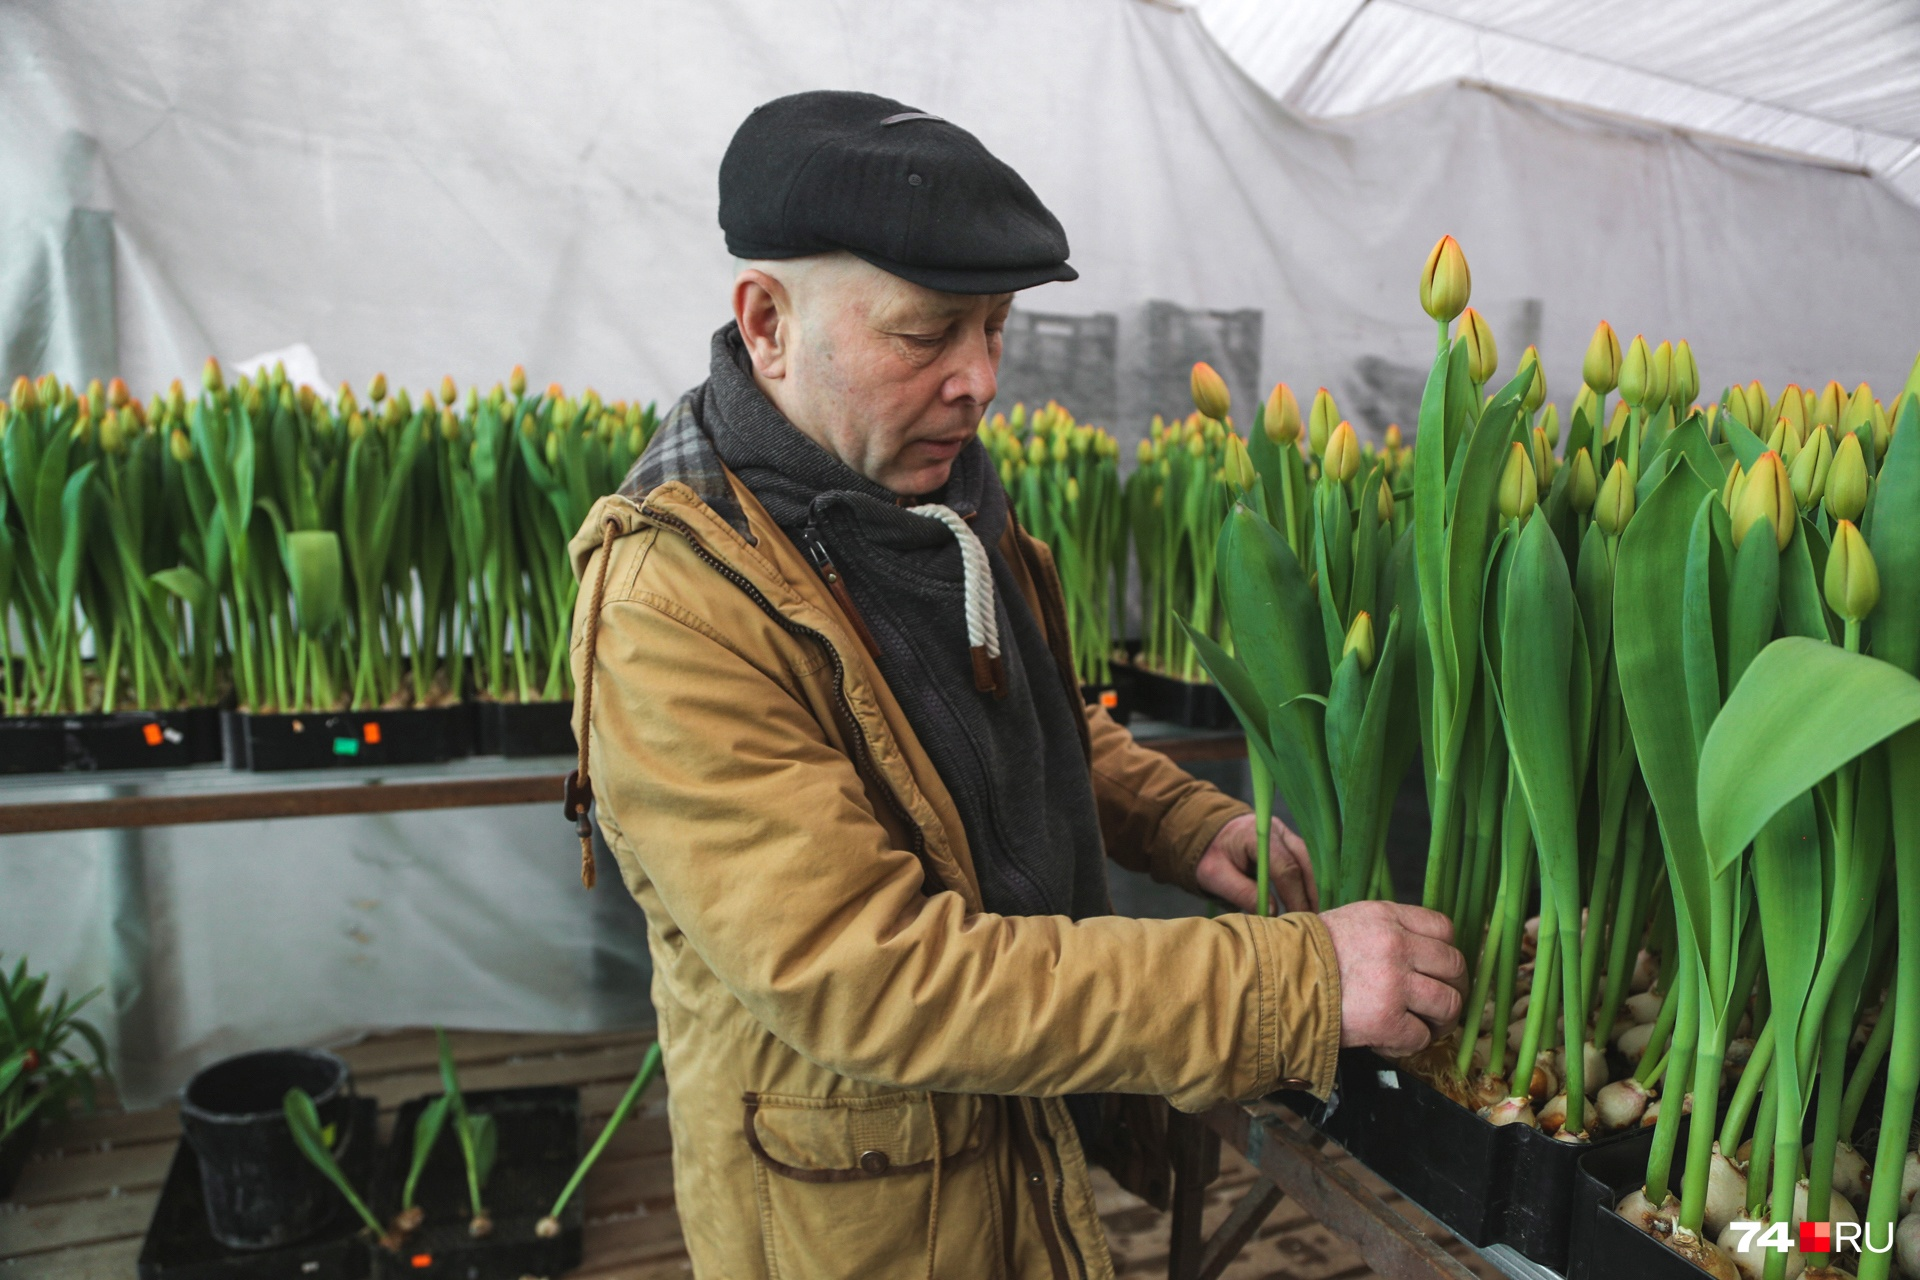 Тюльпаны растут без земли